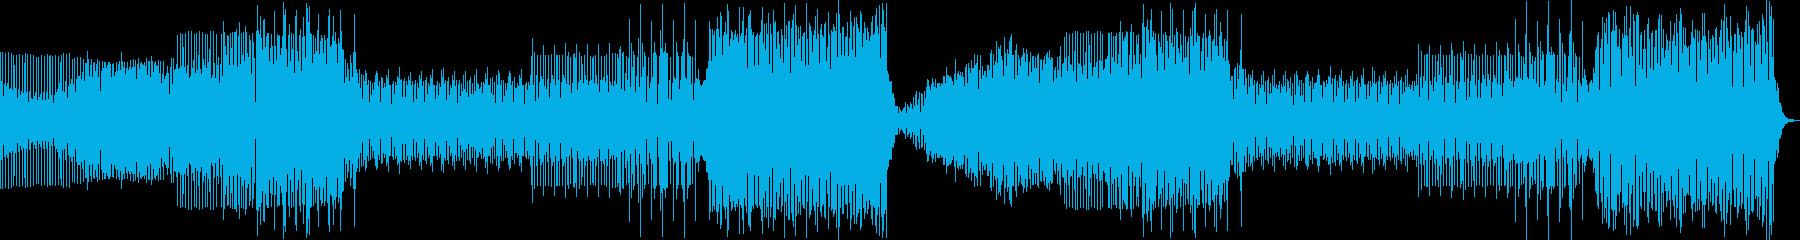 EDM・エキサイティング・激しい・クールの再生済みの波形